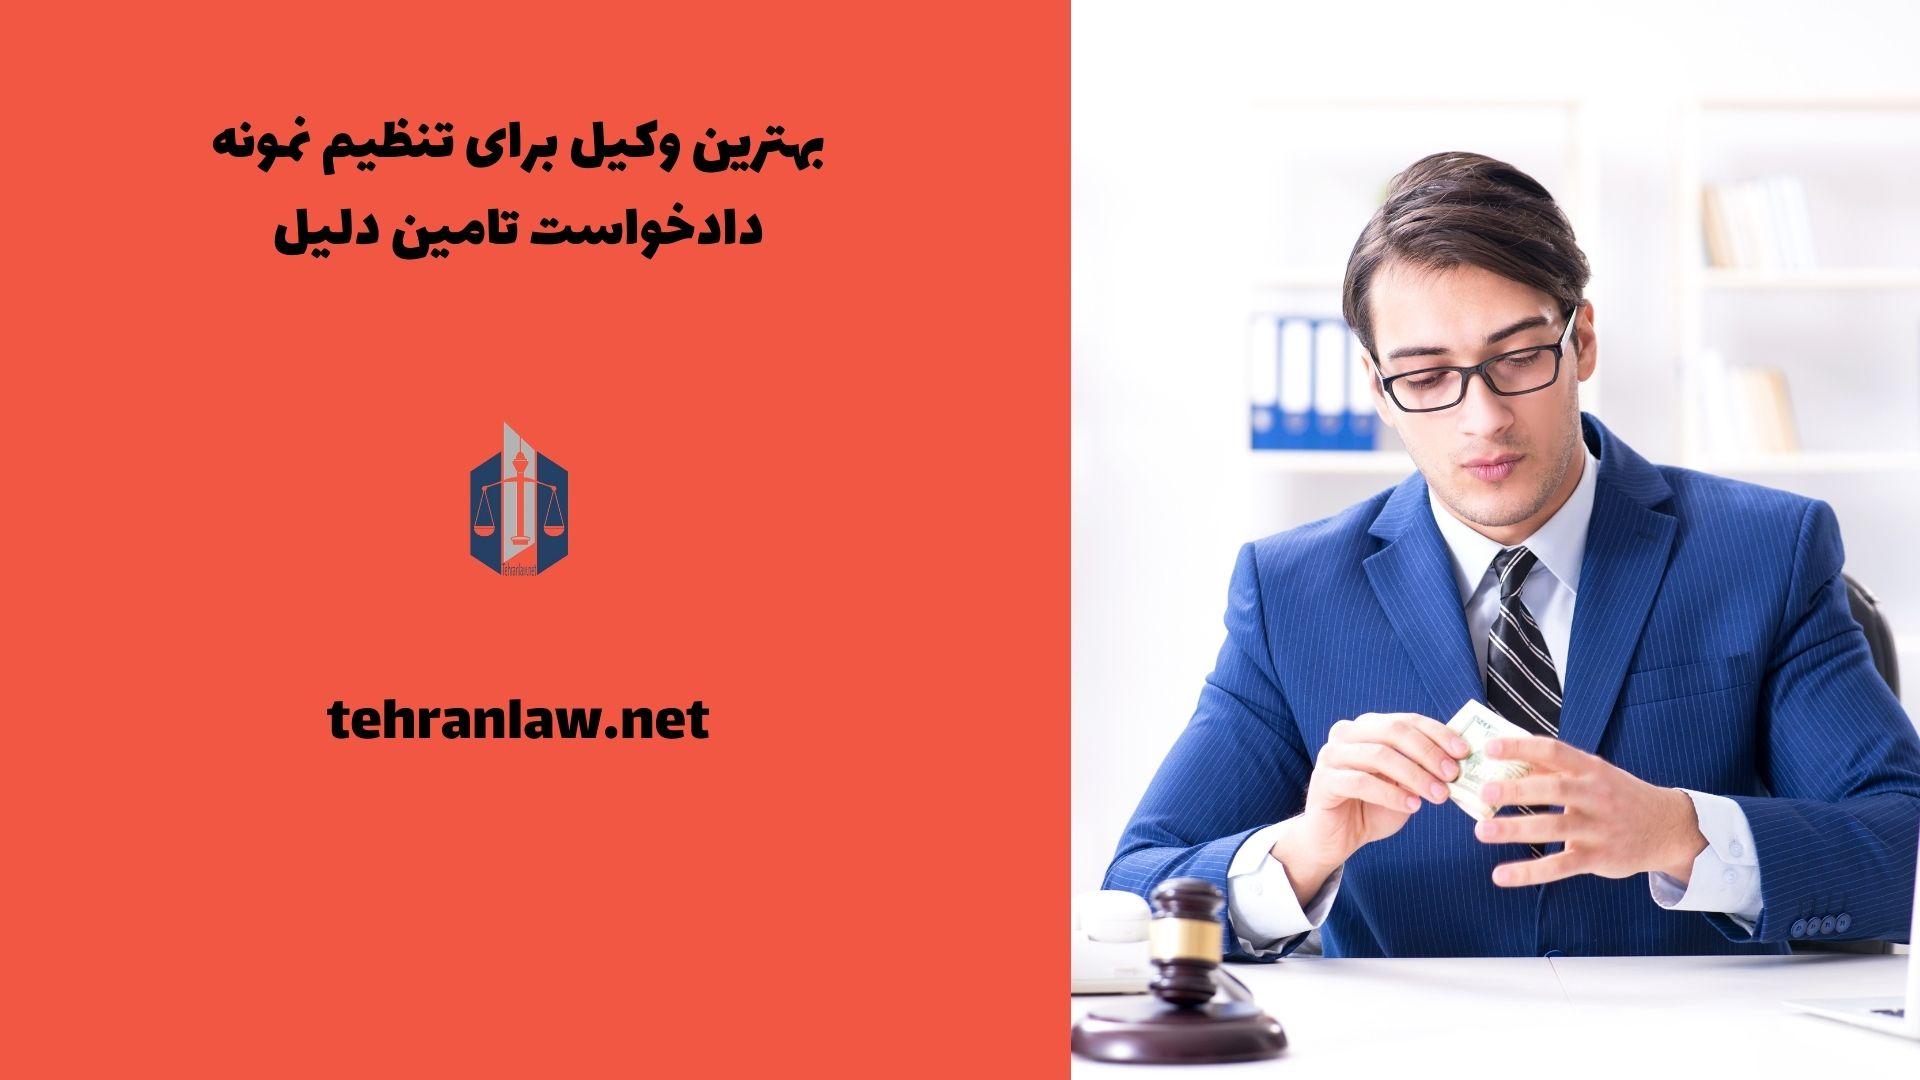 بهترین وکیل برای تنظیم نمونه دادخواست تامین دلیل